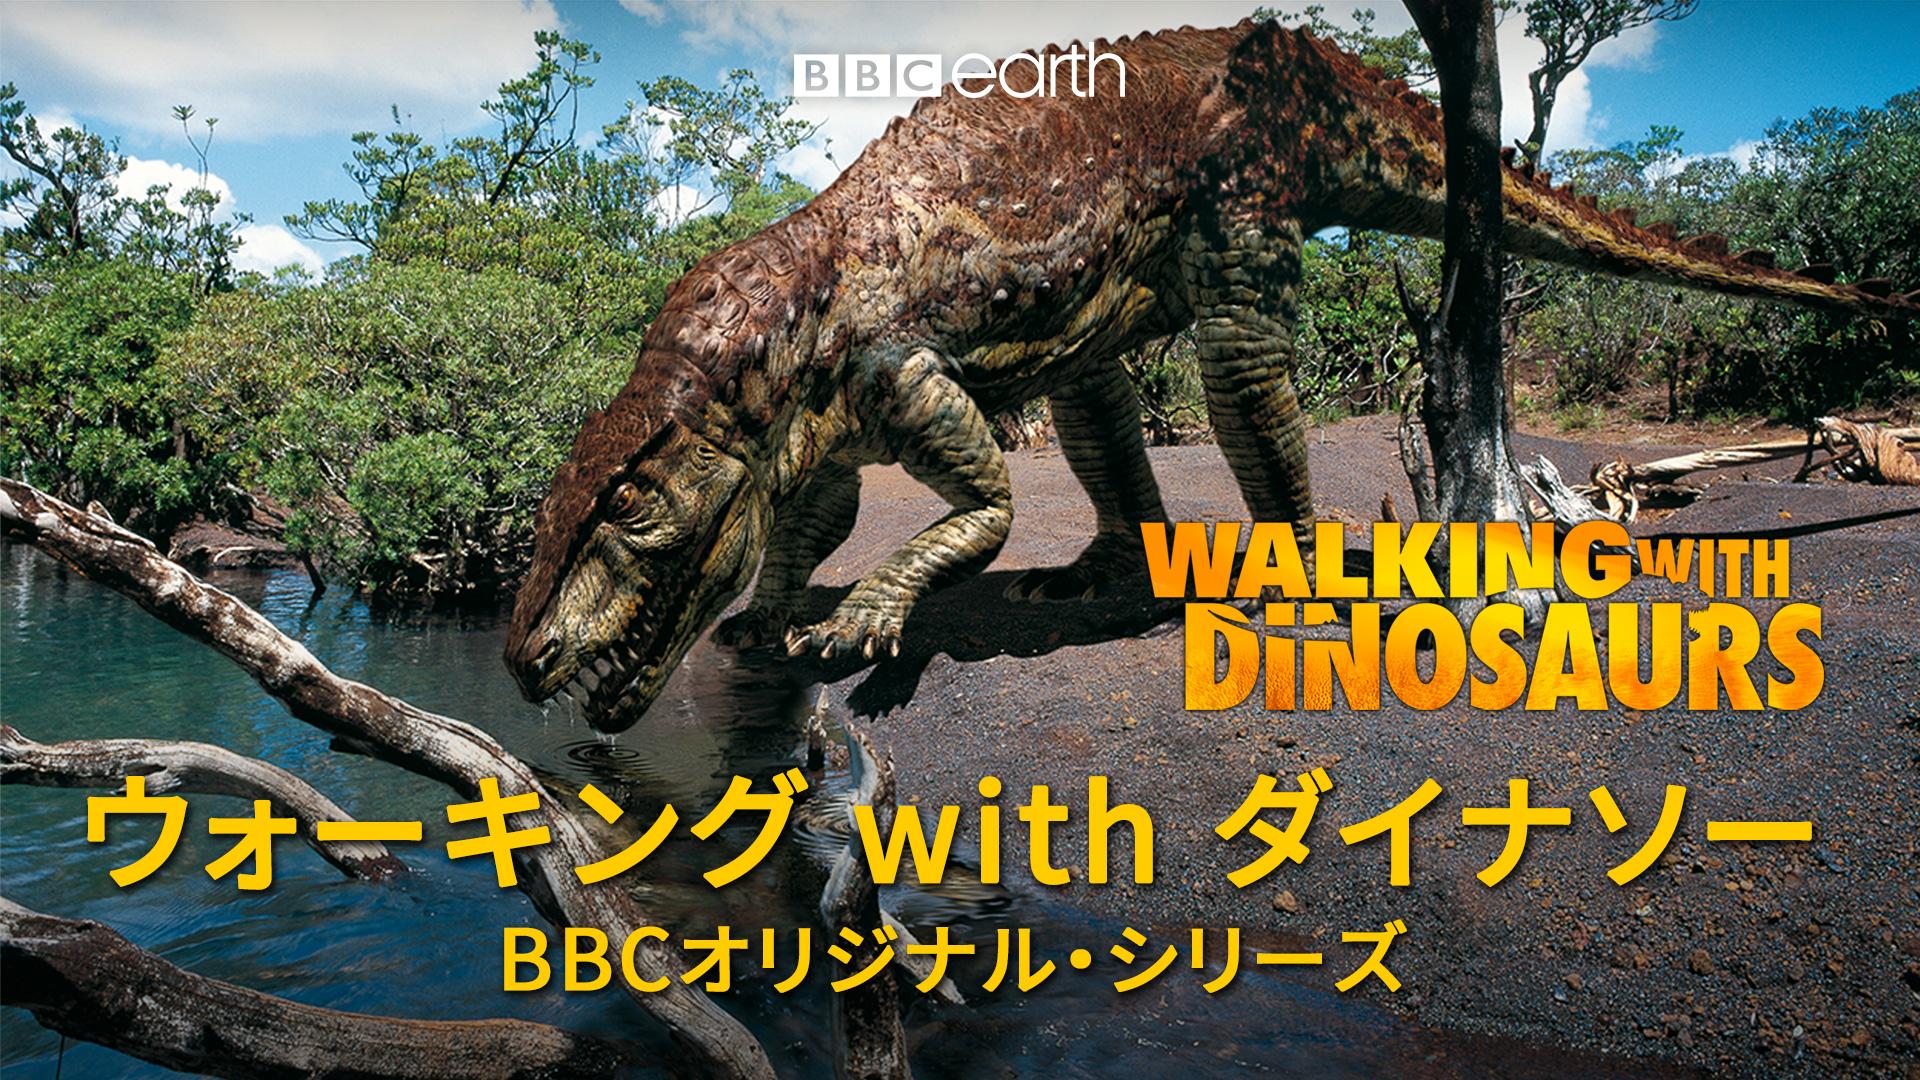 ウォーキングwithダイナソー 驚異の恐竜王国(吹替版)